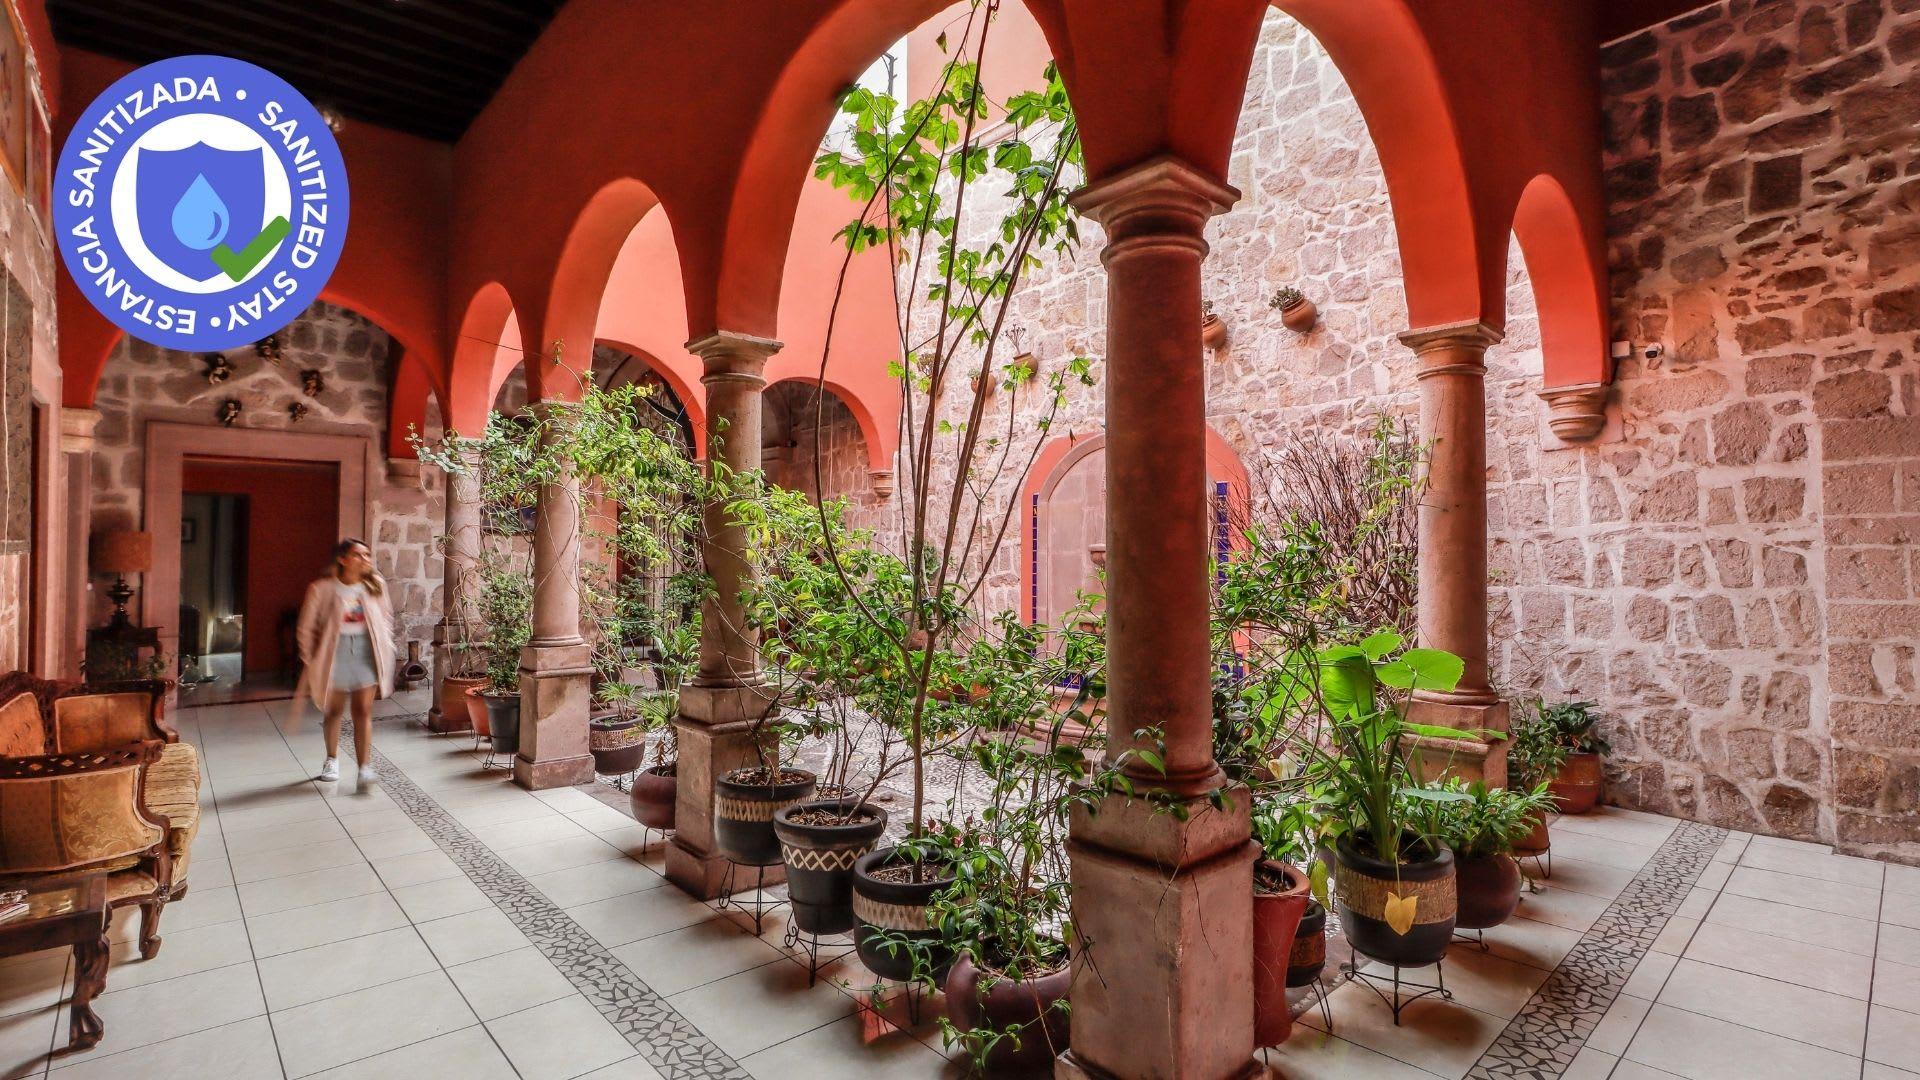 Hotel La Siesta del Fauno en Morelia